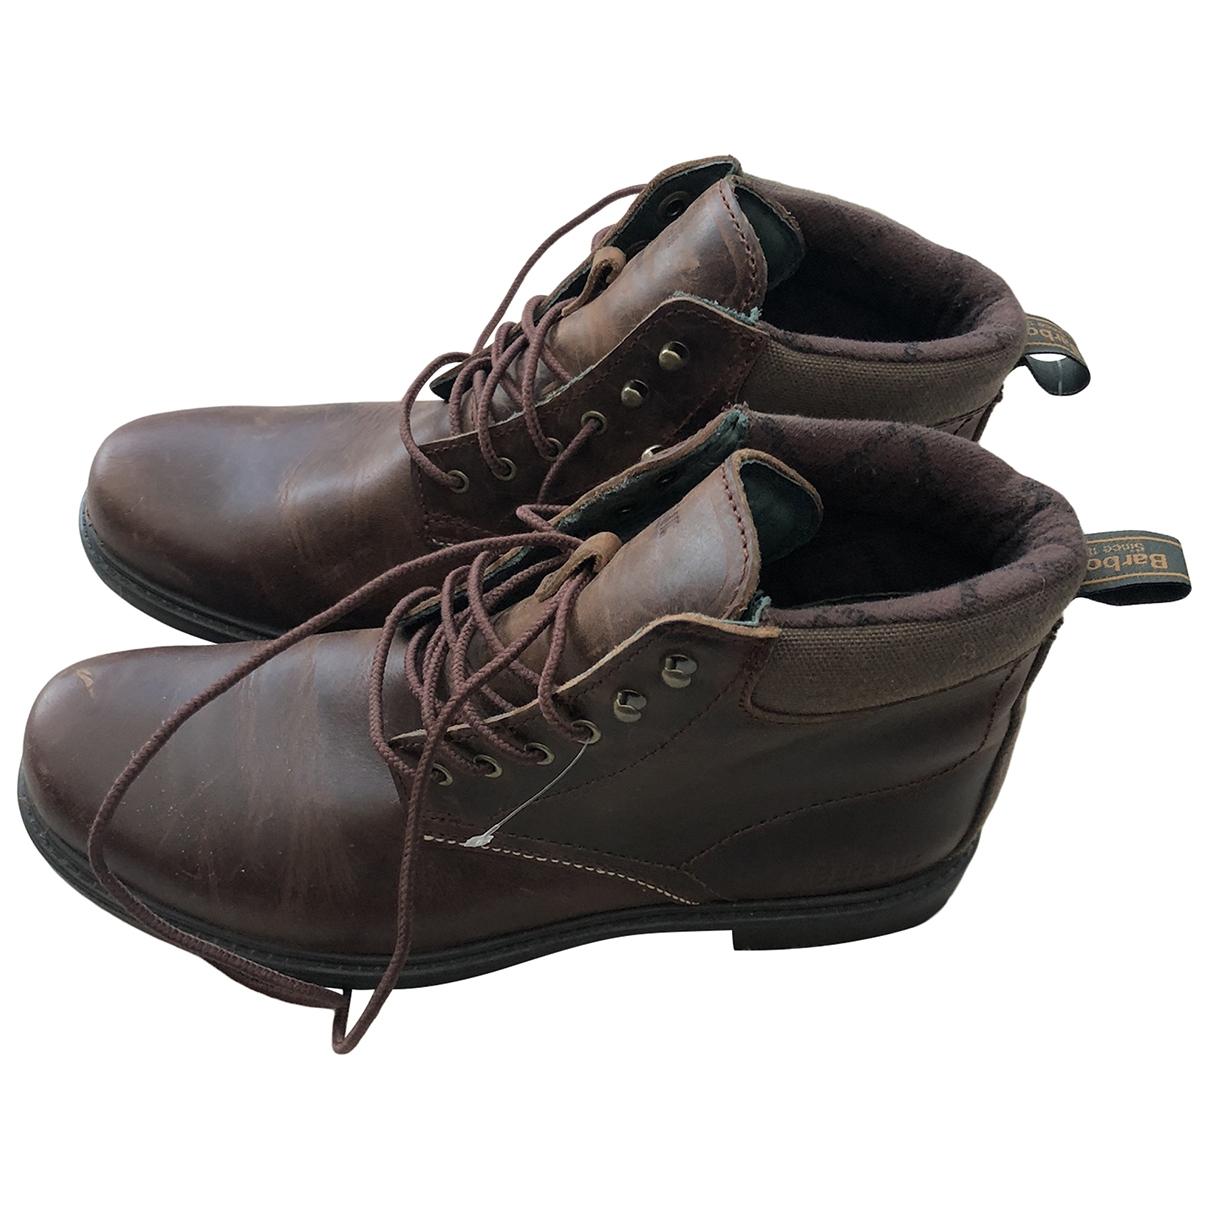 Barbour - Boots   pour femme en cuir - marron